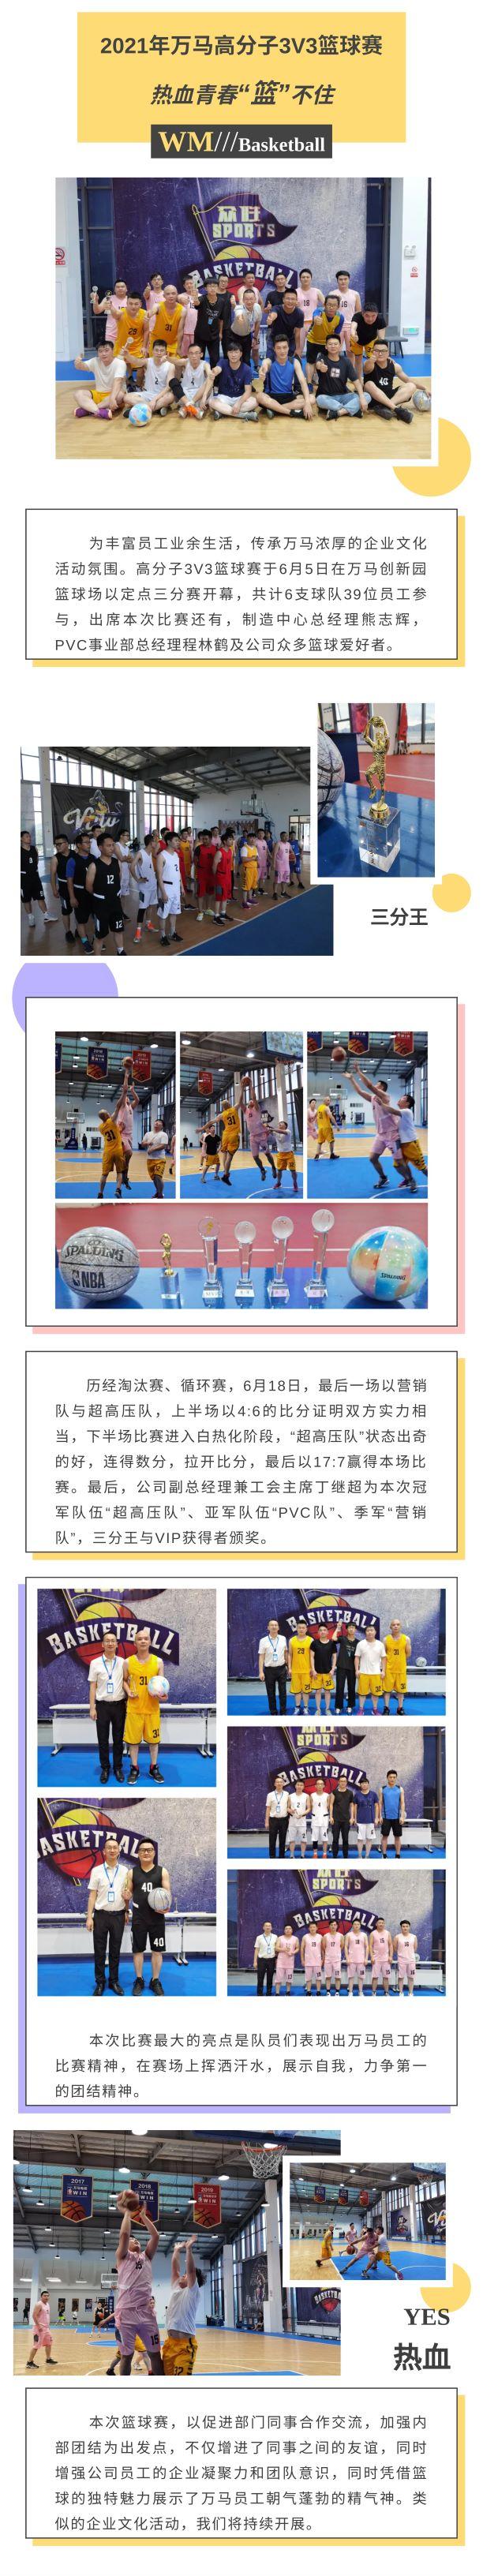 三人篮球赛.jpg